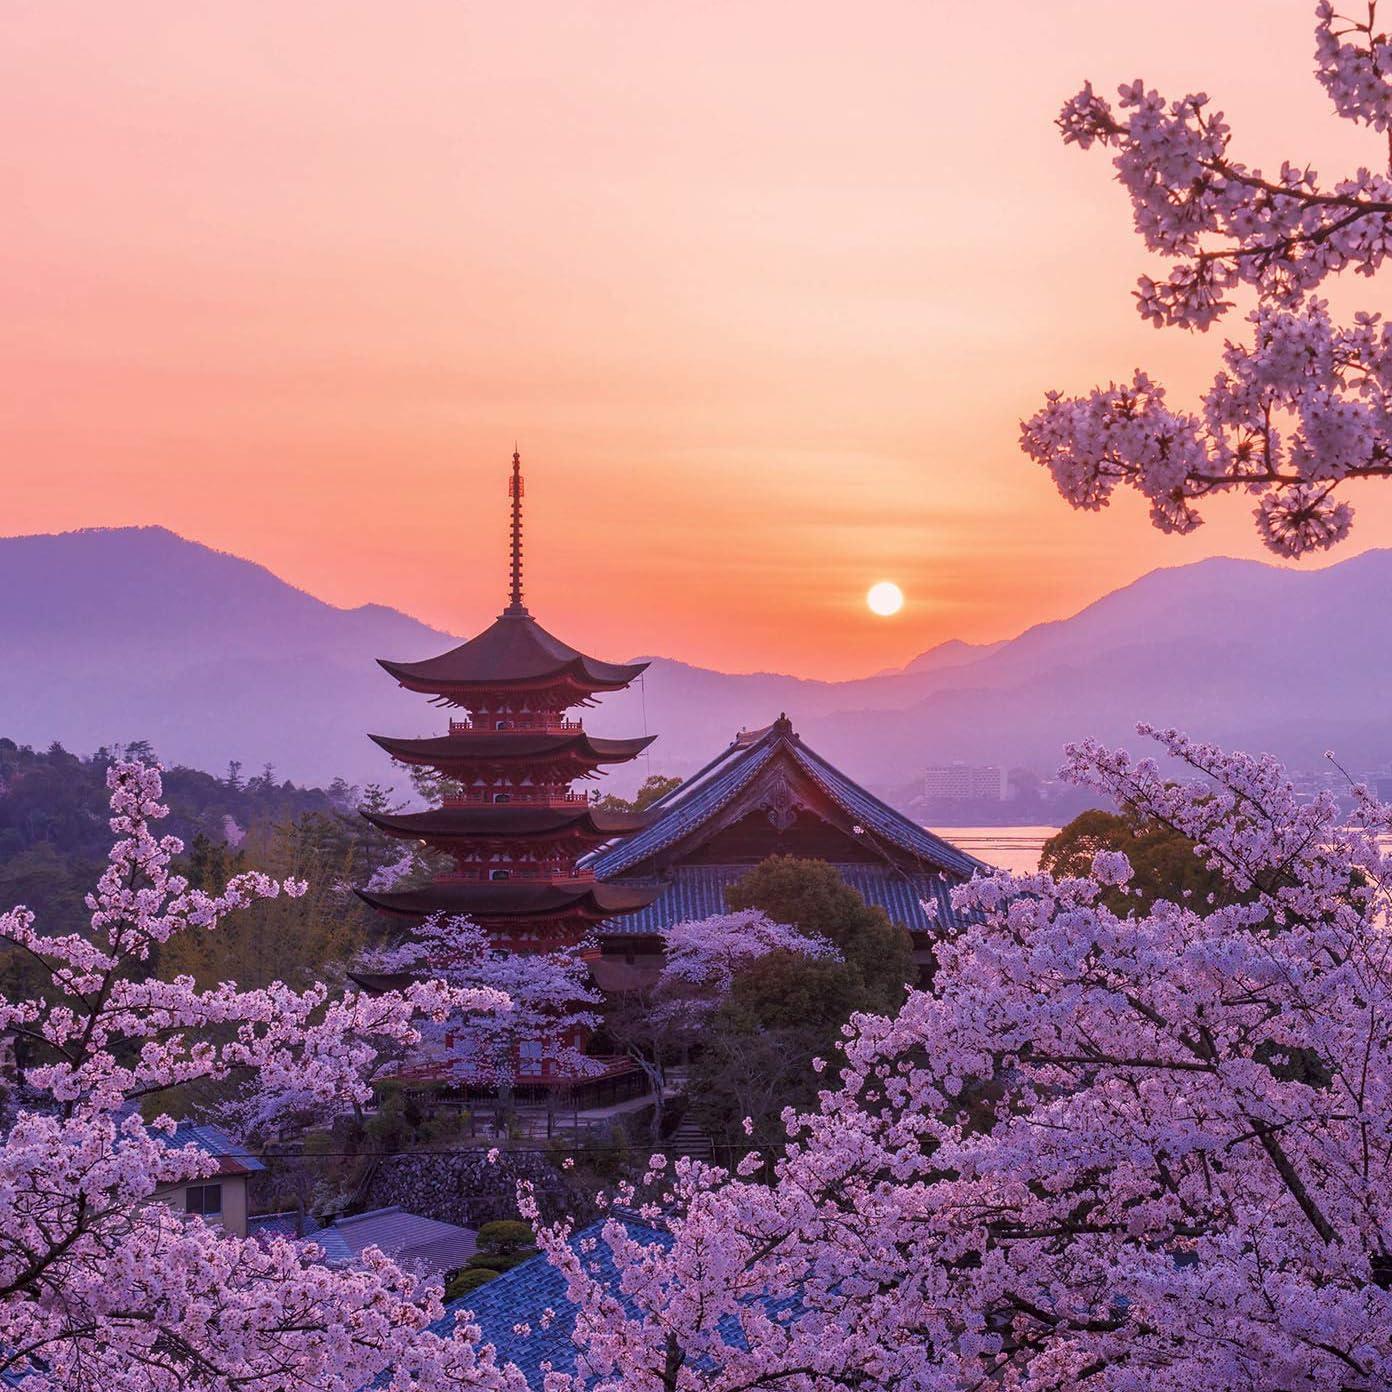 世界遺産 Ipad壁紙 桜色の厳島神社五重塔の夕景 その他 スマホ用画像121263